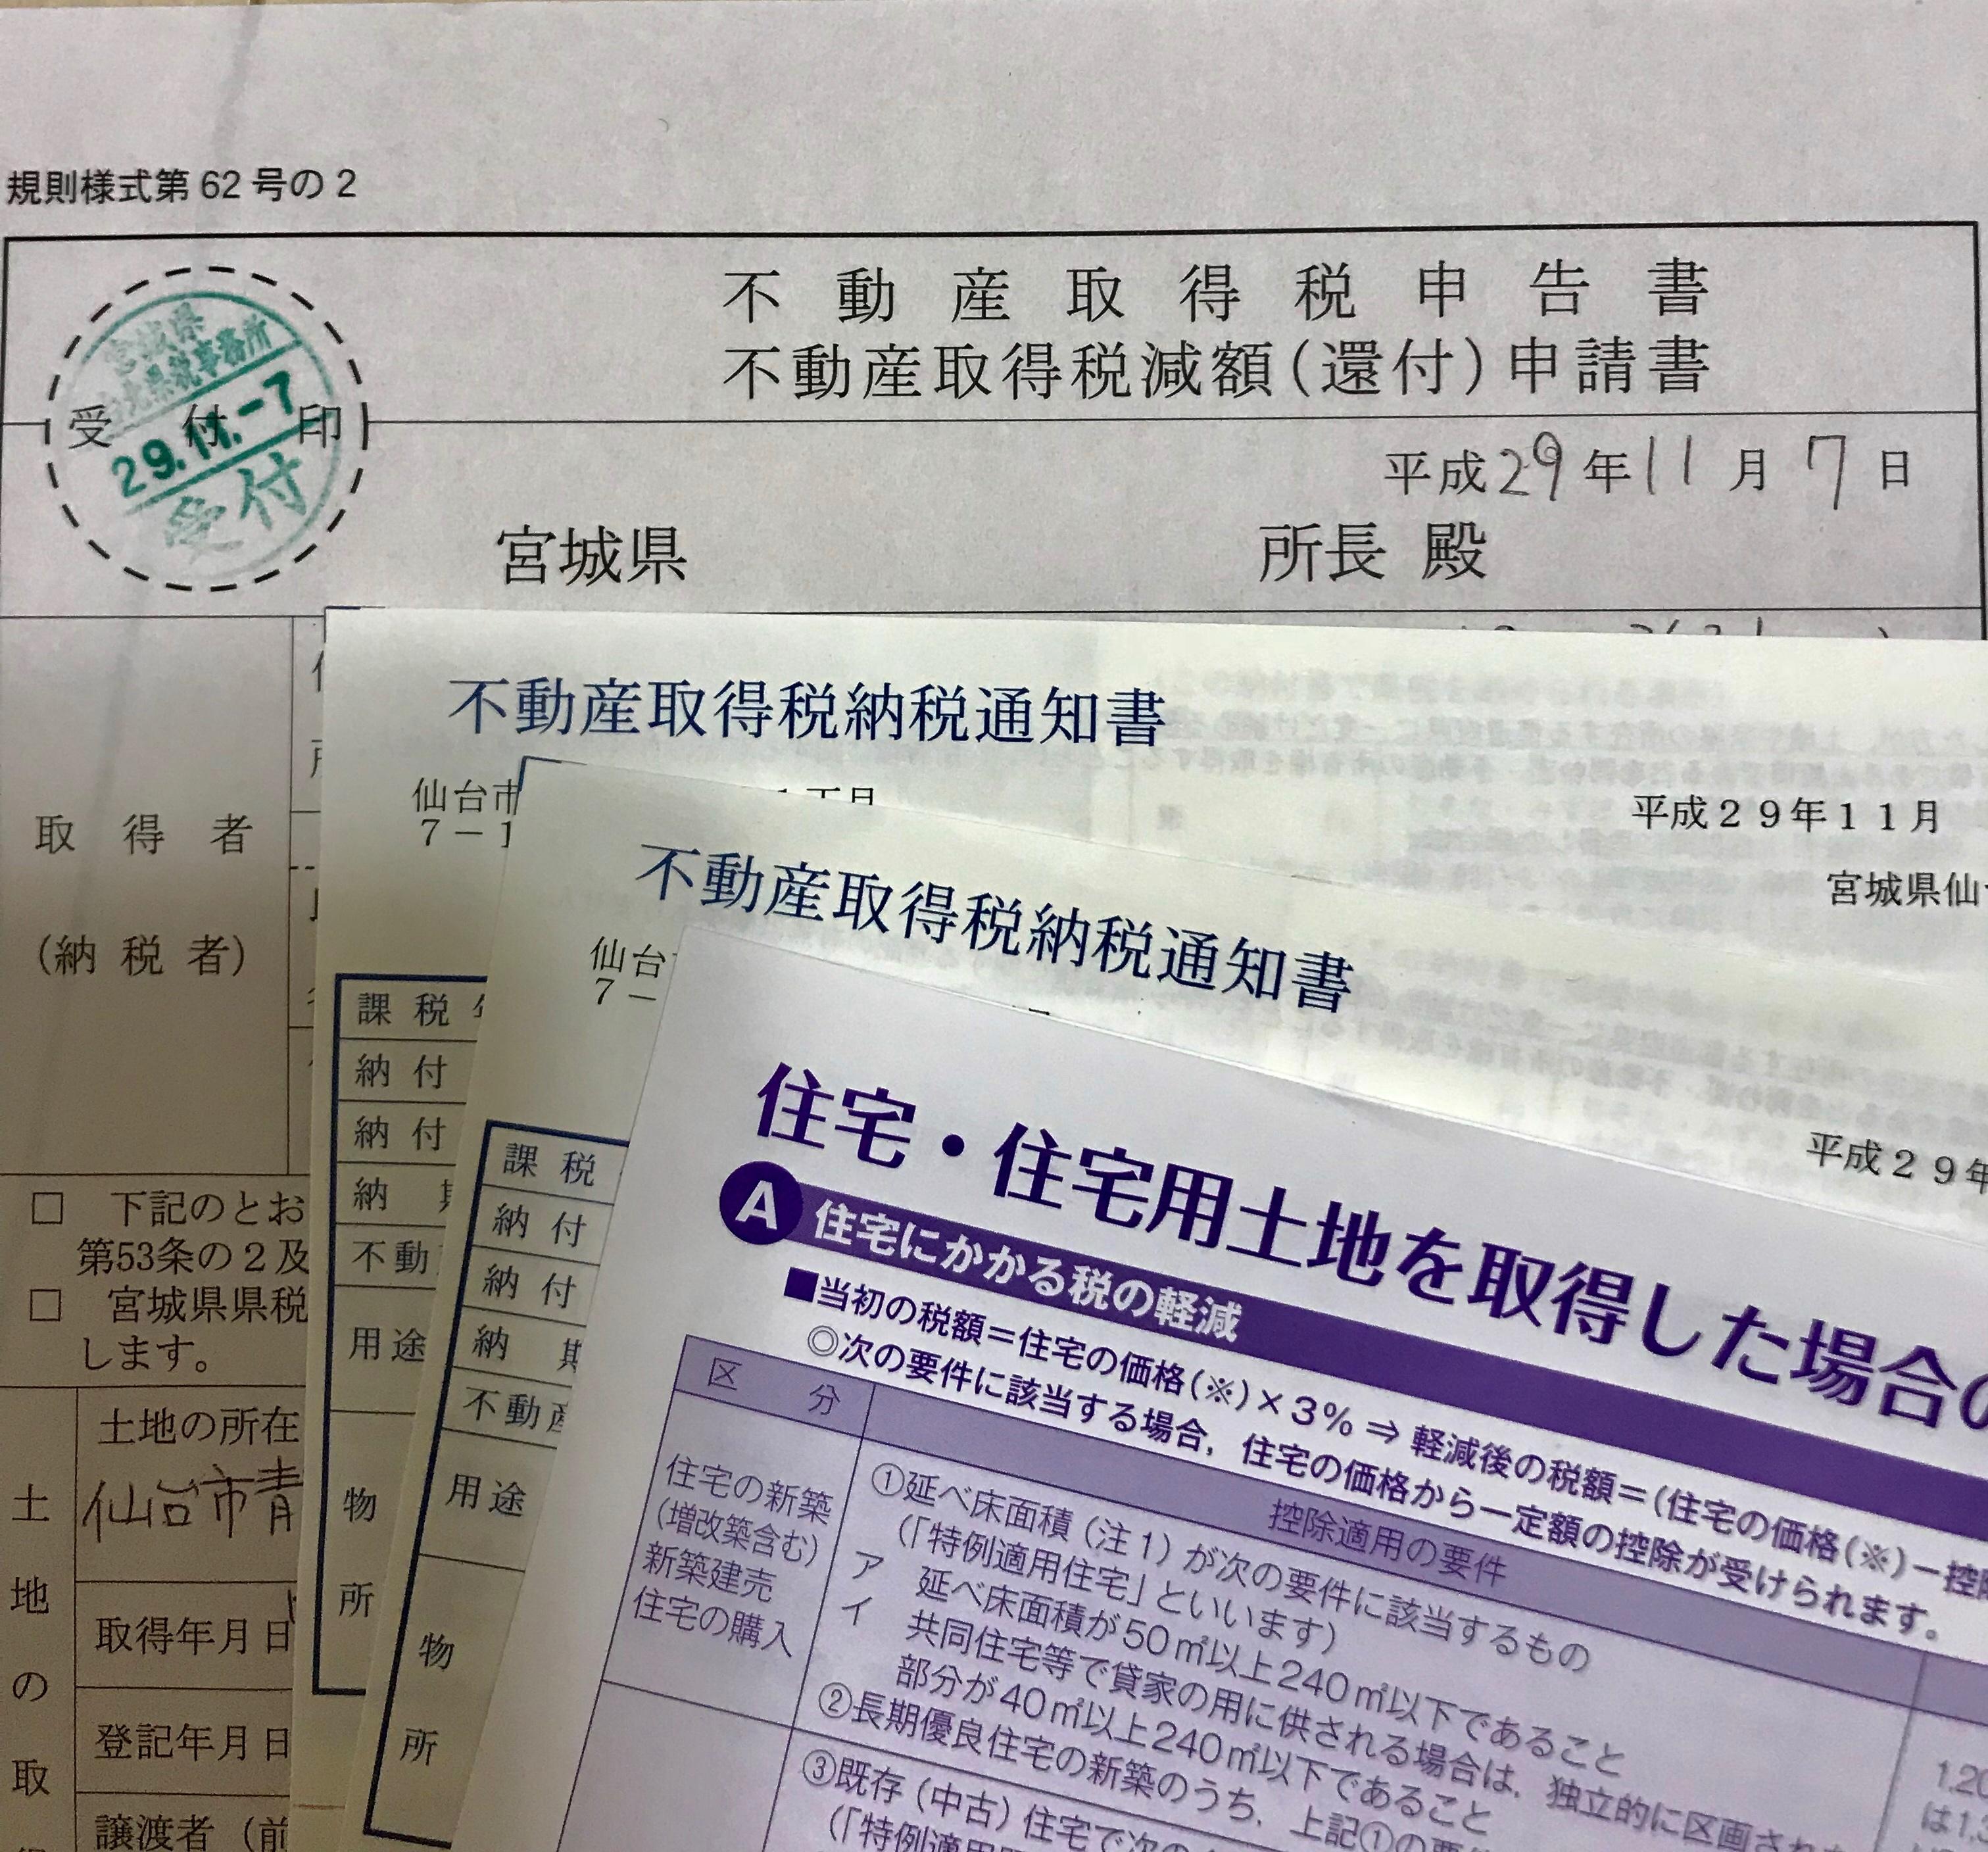 不動産取得税減税申請書